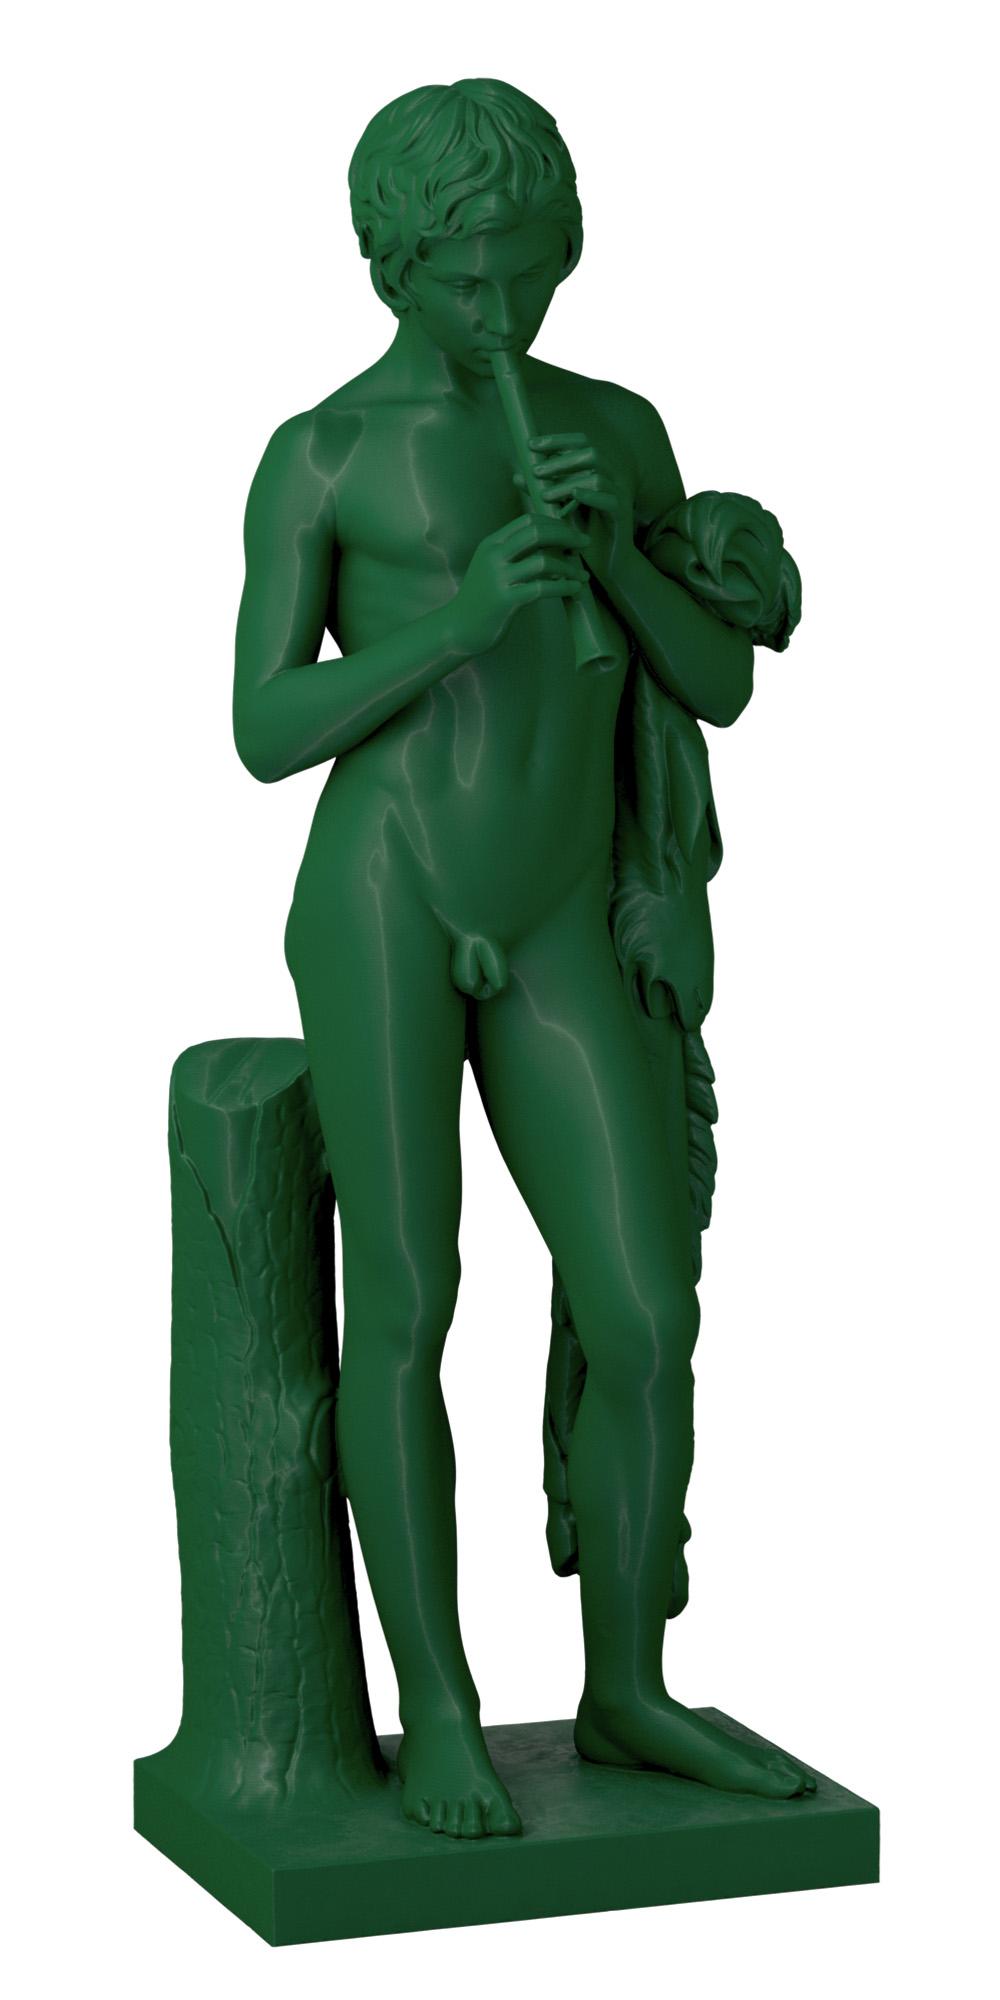 3D Printed Statue of Pan